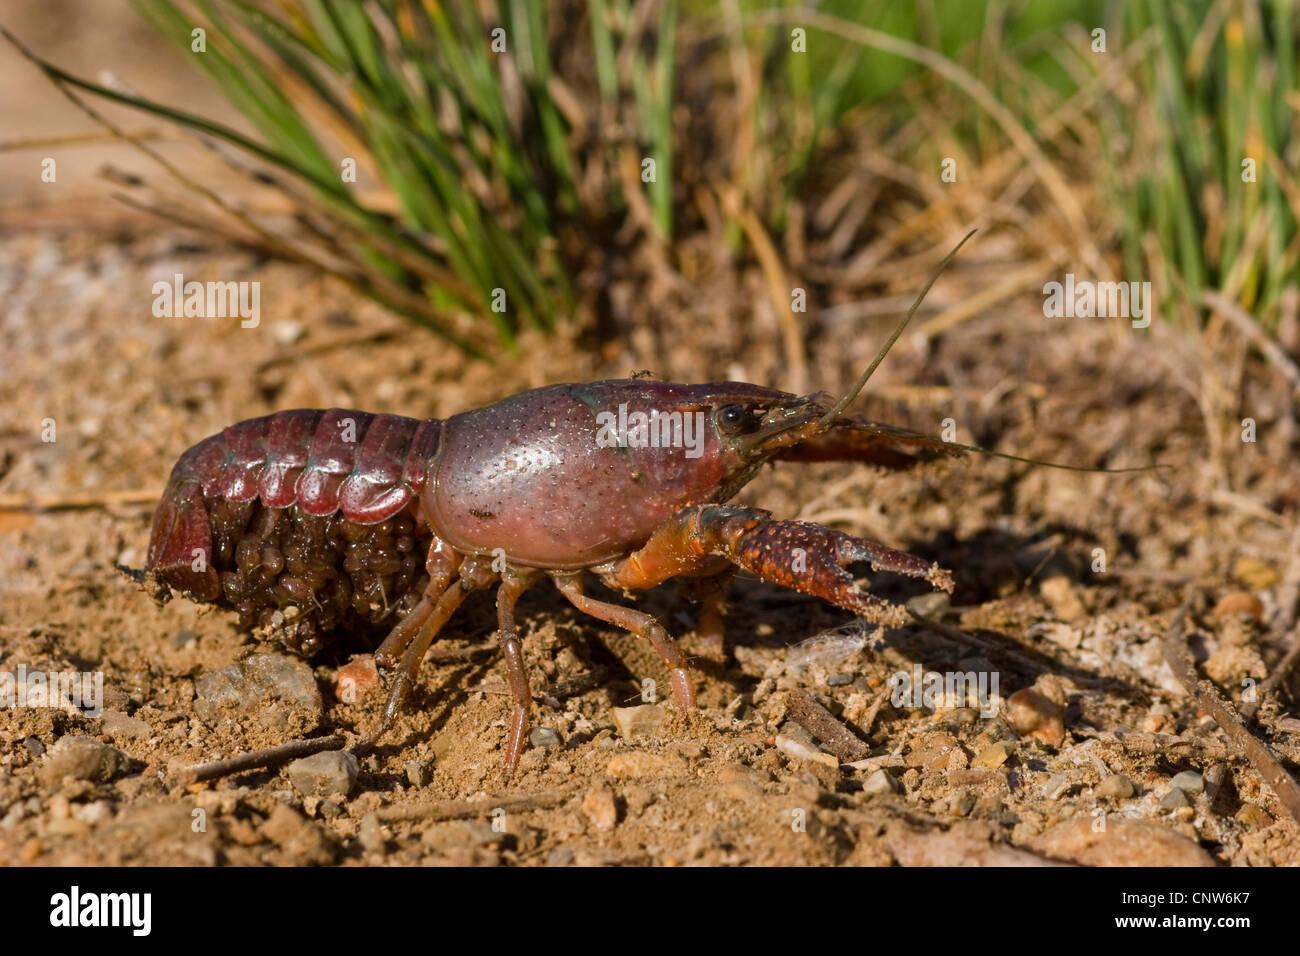 decapods (Decapoda), decapode on shore, Spain, Balearen, Majorca - Stock Image